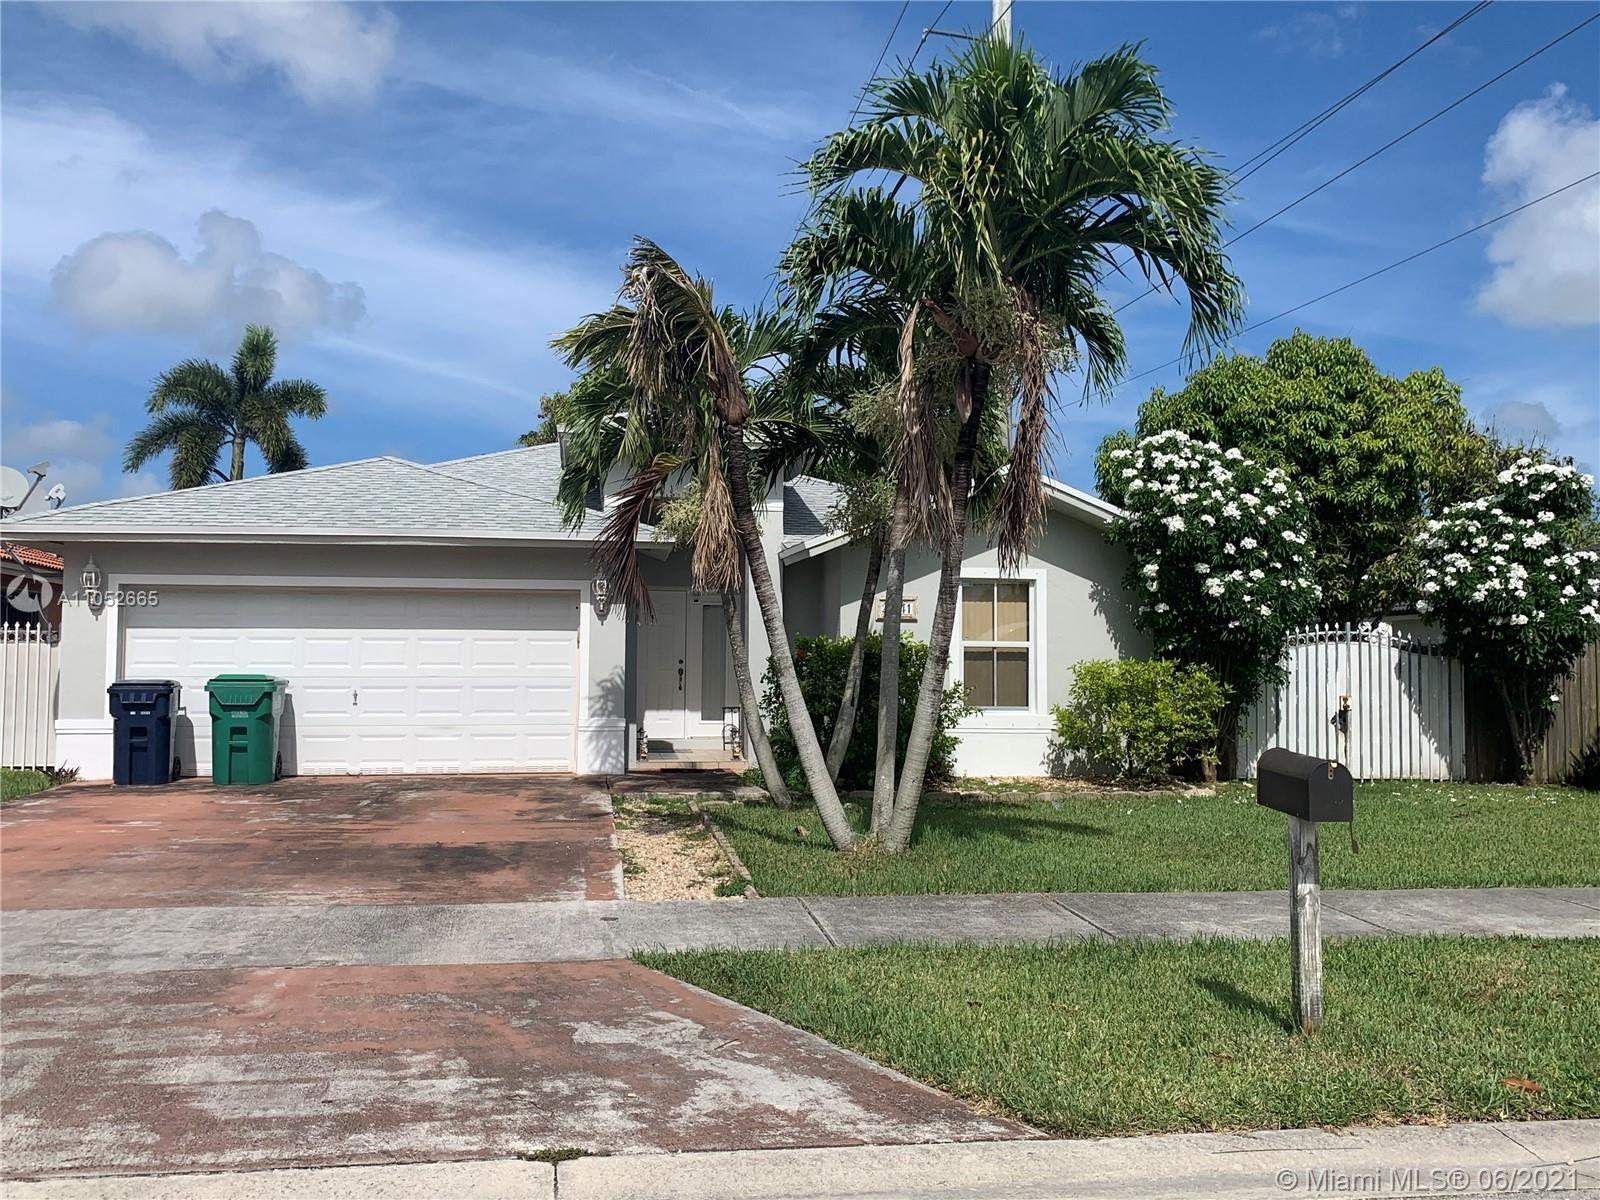 27941 SW 134 PL Homestead, Miami, FL 33032 - #: A11052665